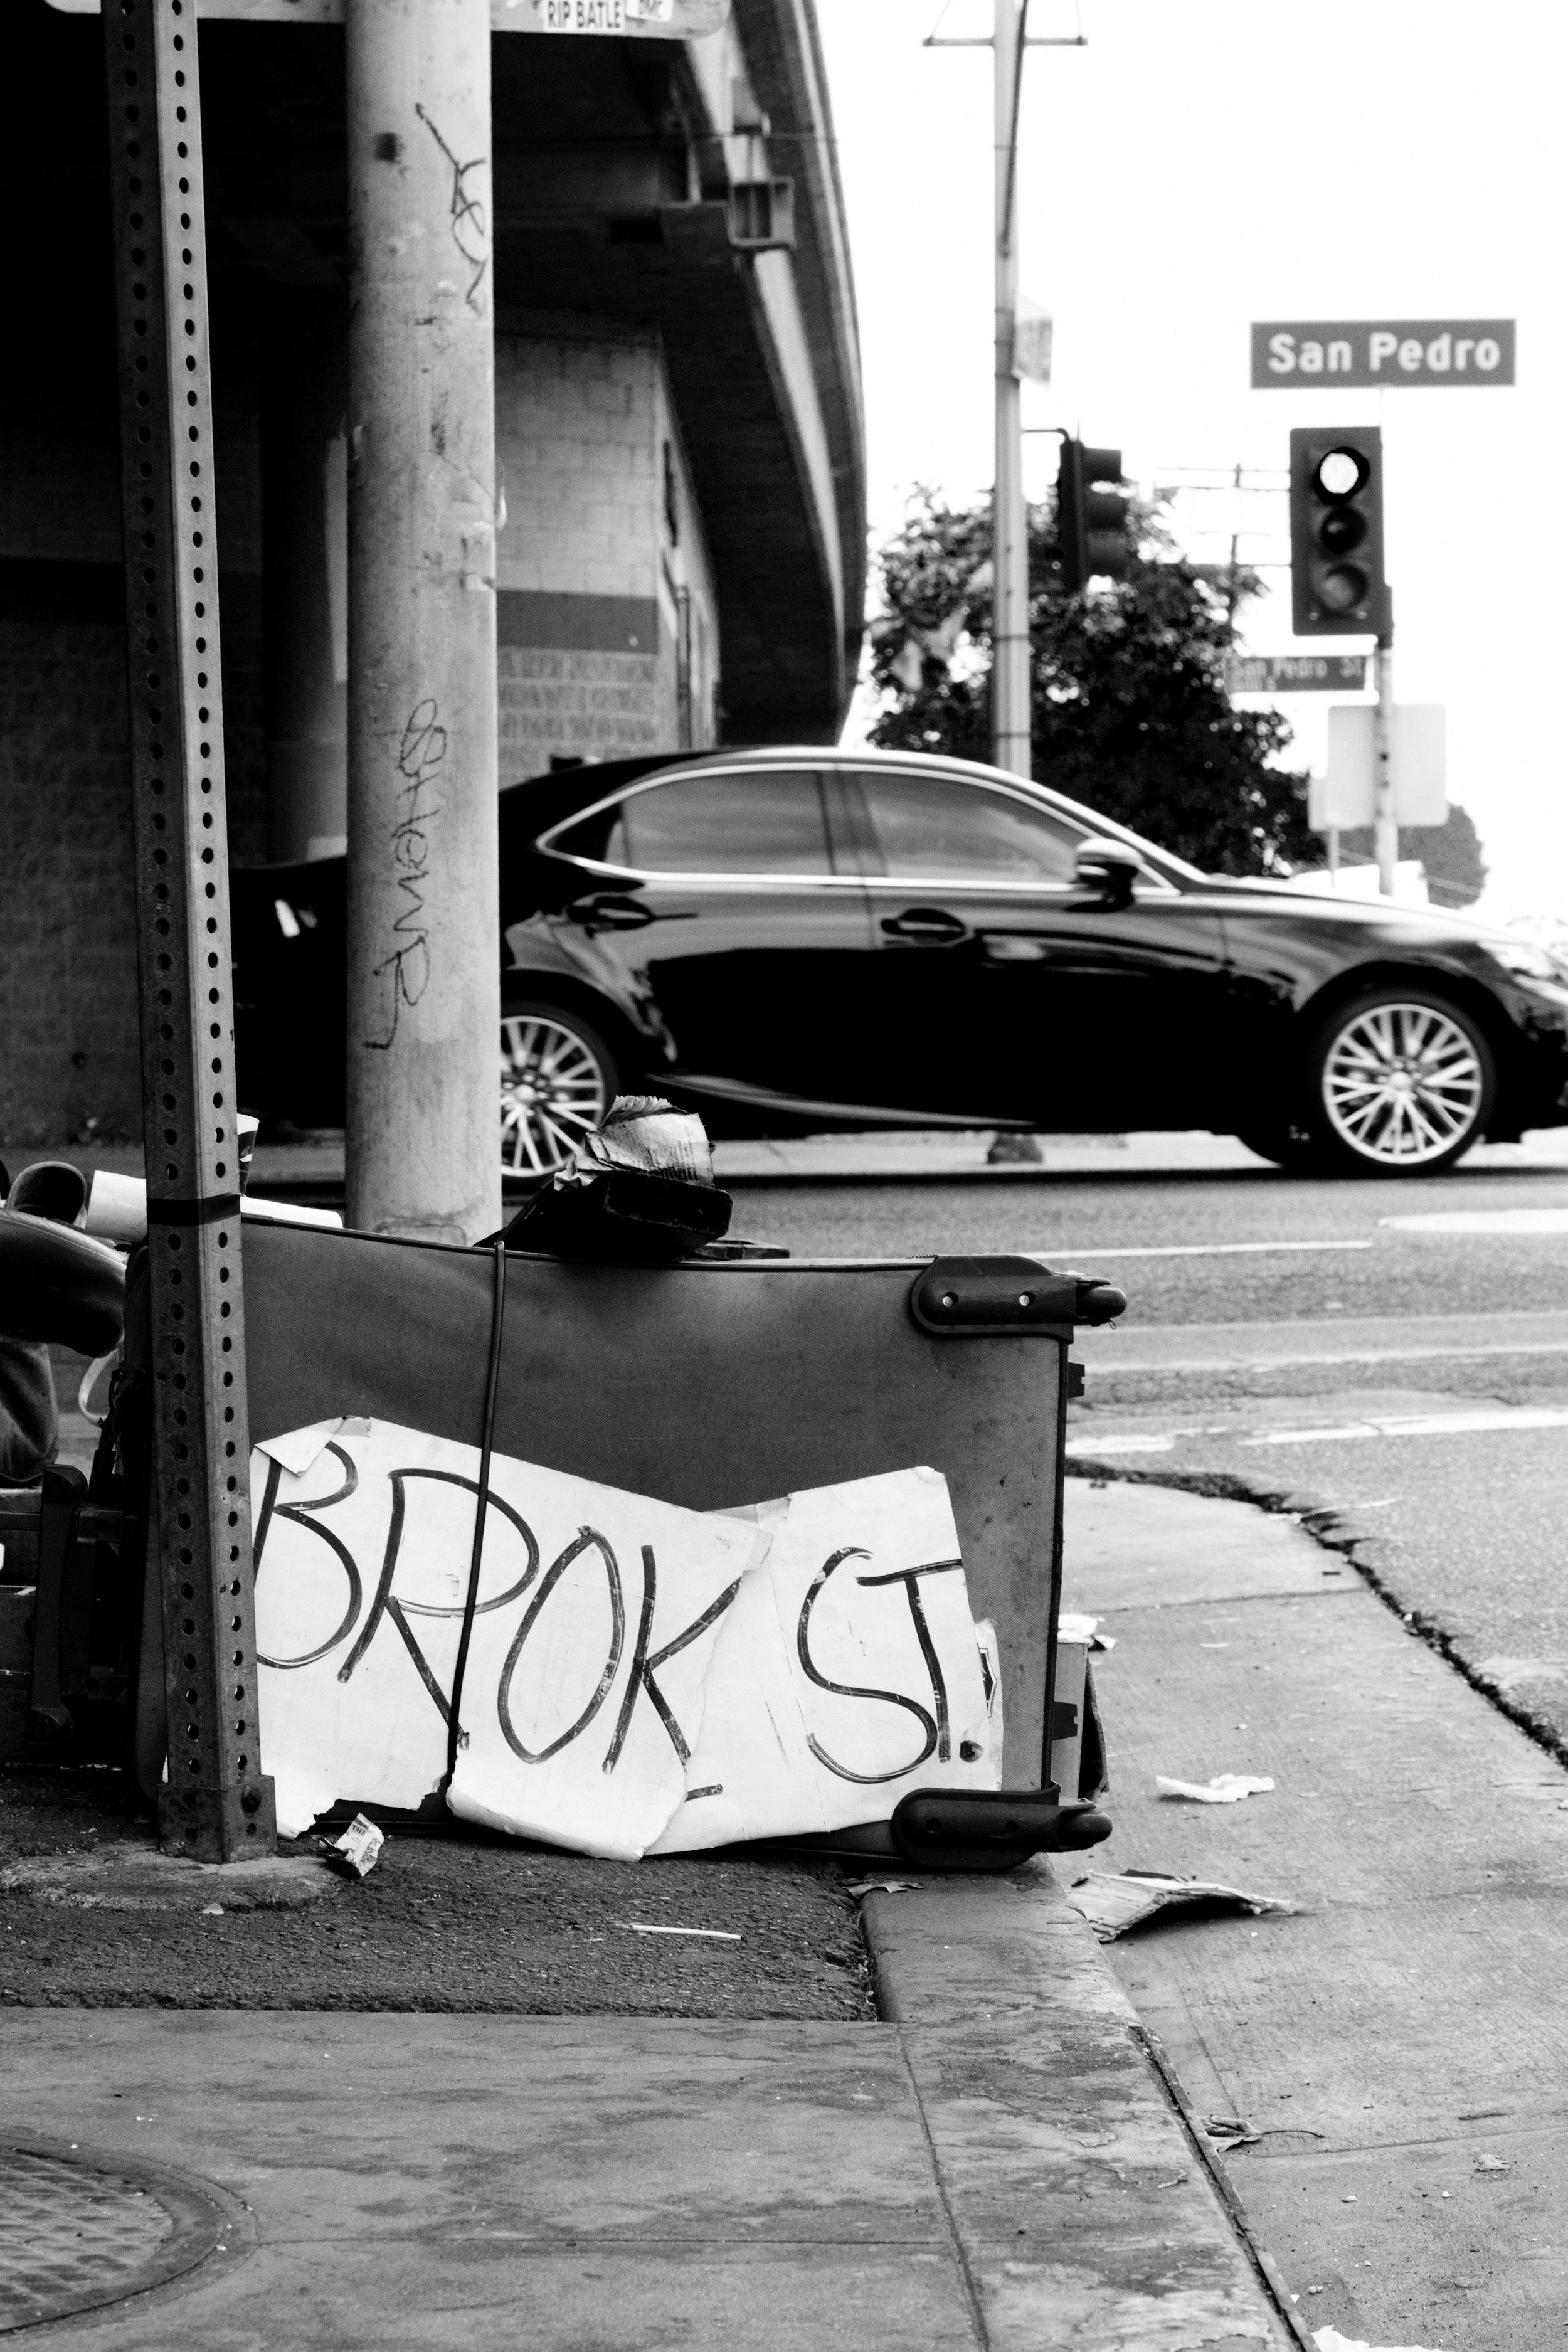 Broke Street Series